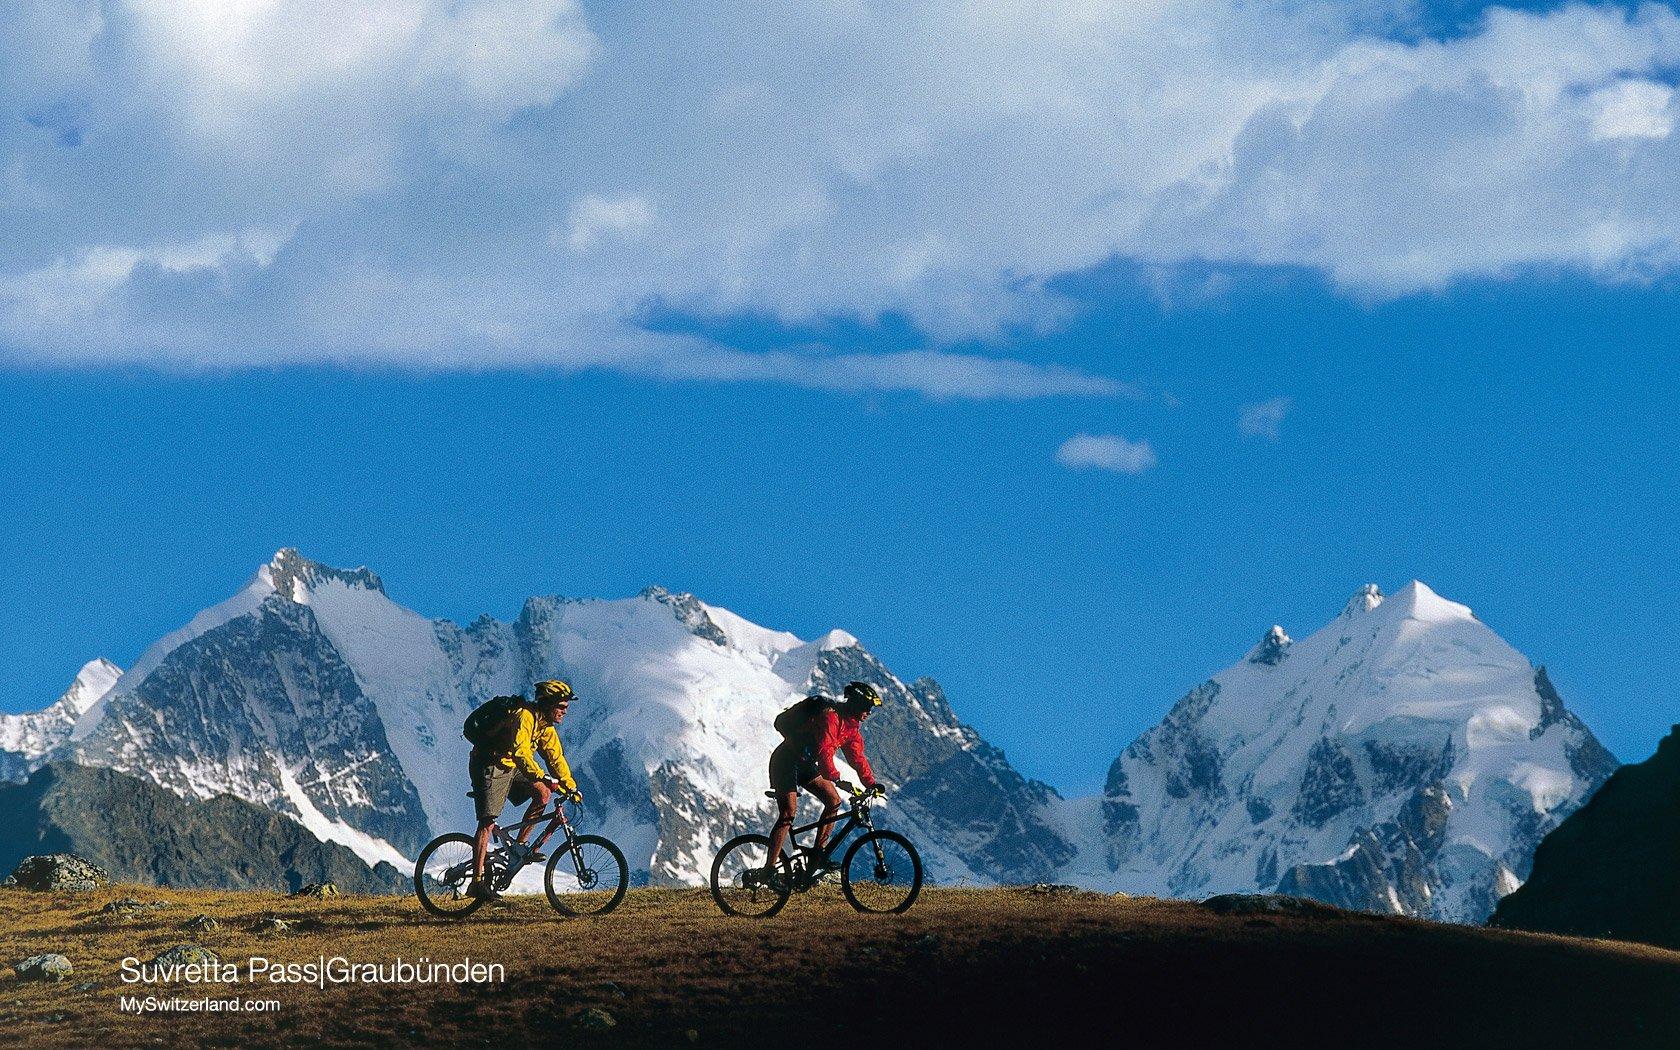 北京 壁纸 世界公园/世界公园瑞士夏季旅游名胜Suvretta Pass Graubünden 苏福莱塔...